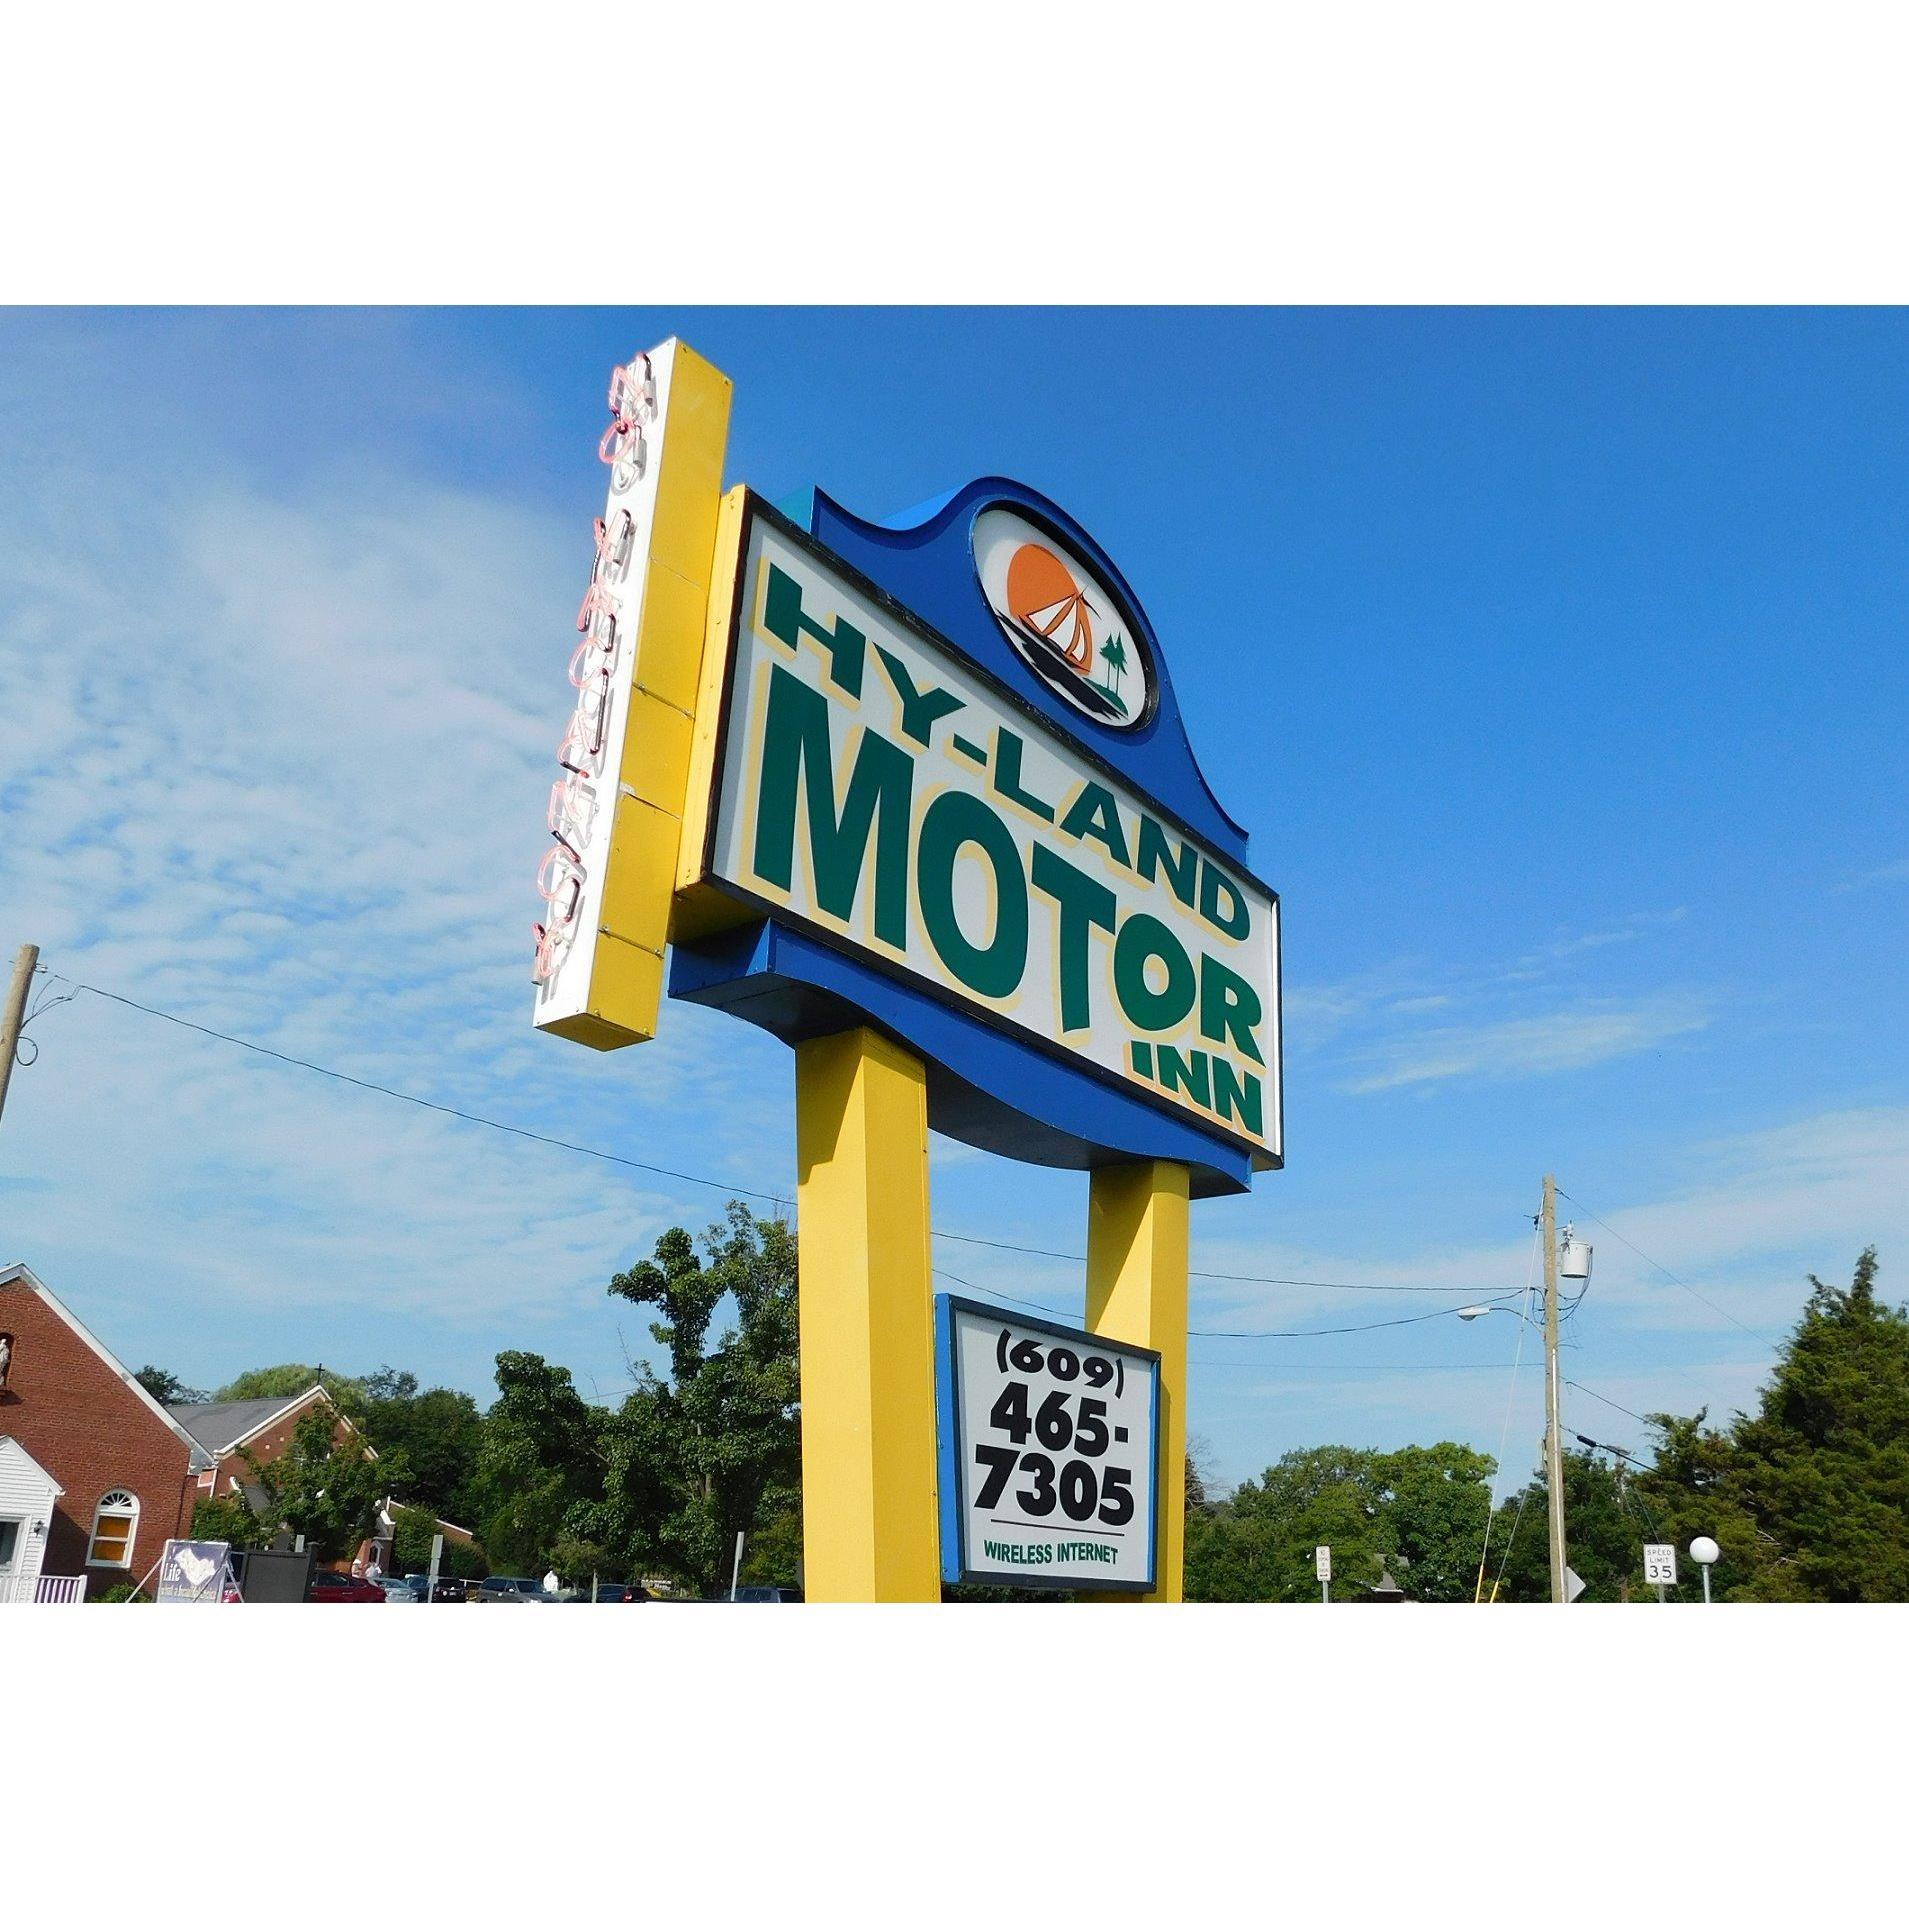 Hyland motor inn coupons near me in cape may court house for Motor inn near me